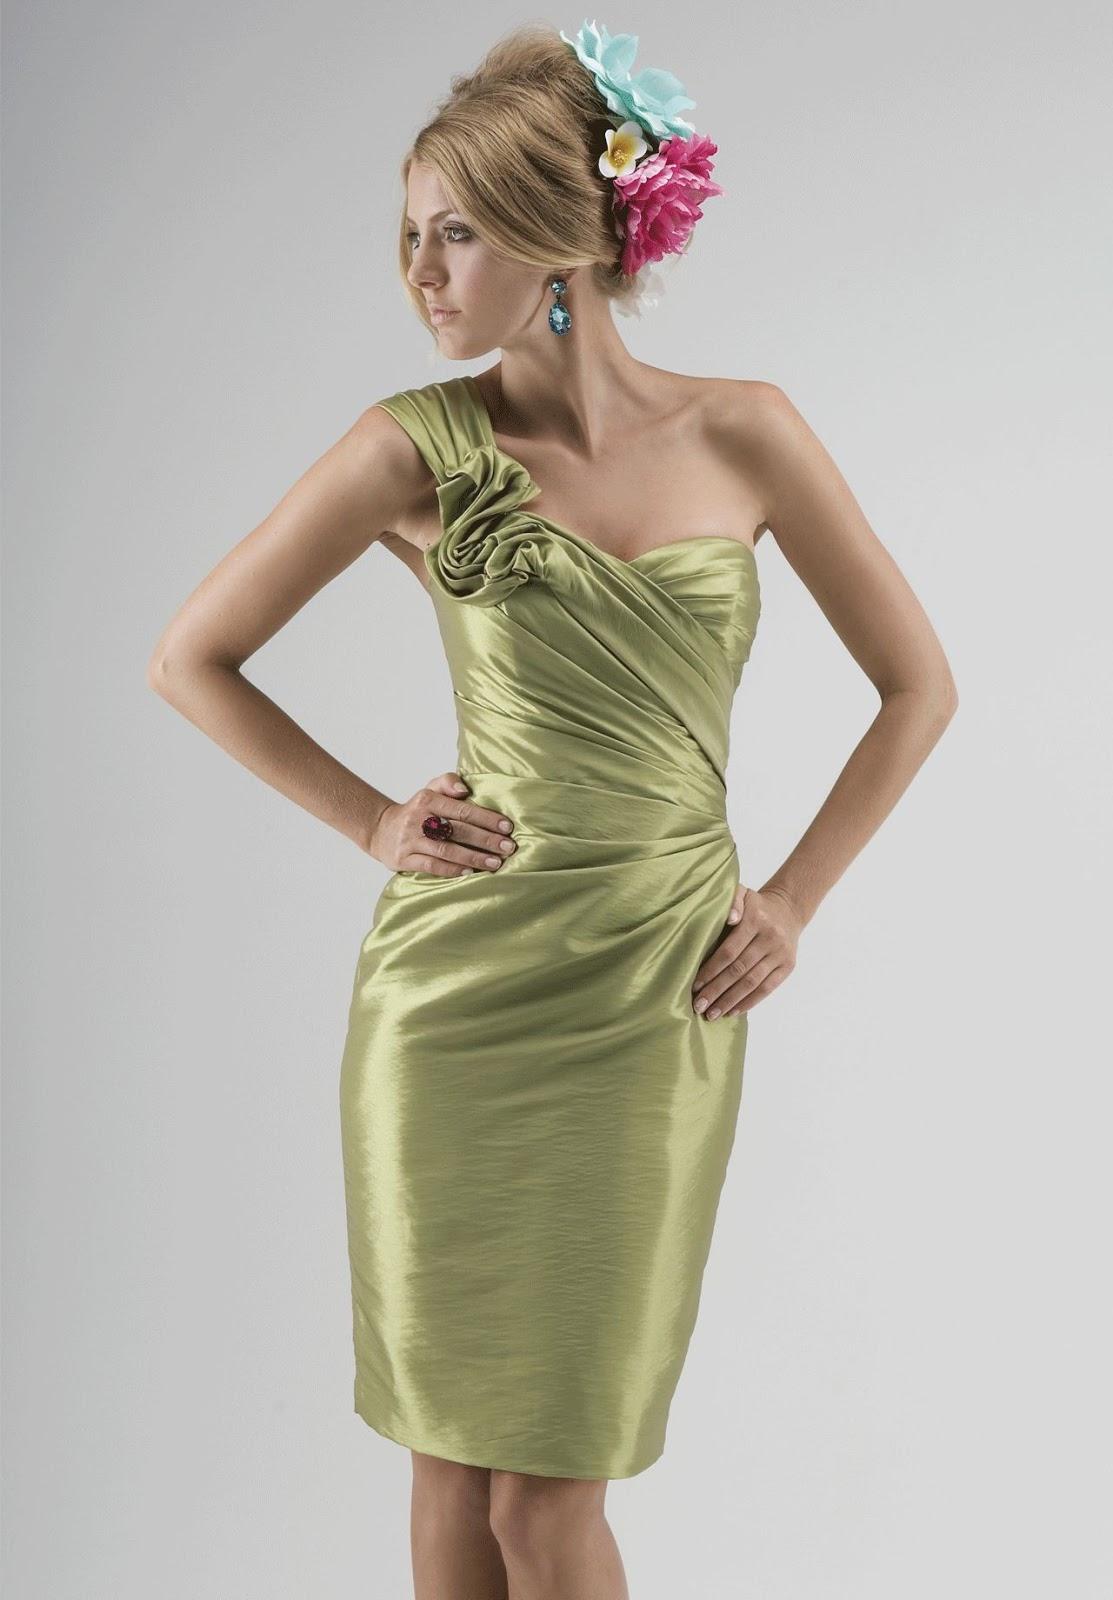 WhiteAzalea Bridesmaid Dresses: January 2013